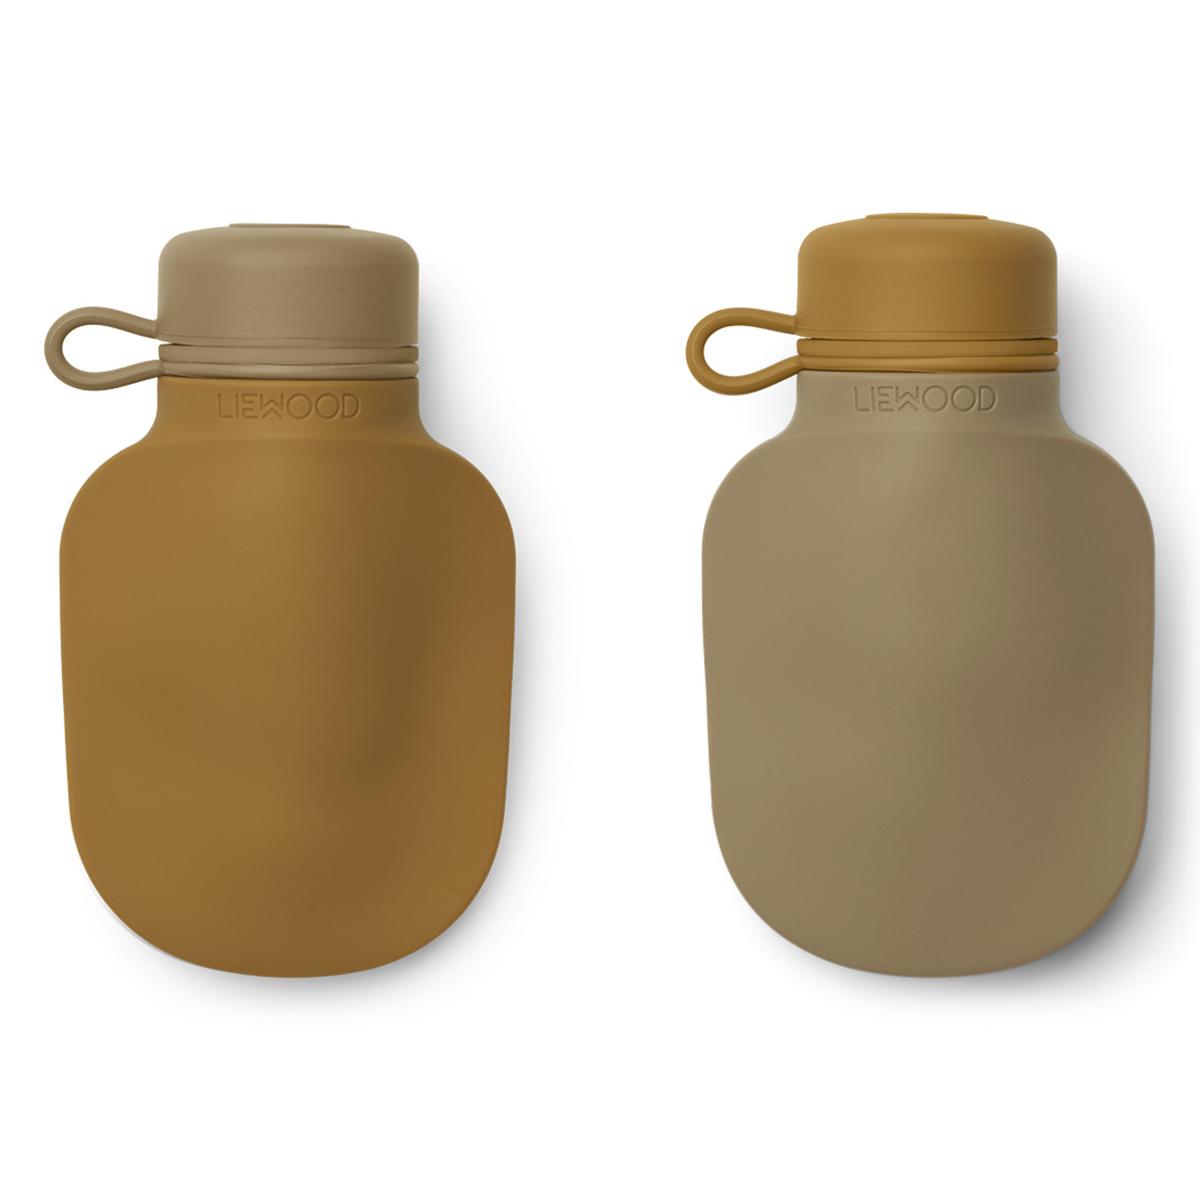 Tasse & Verre Lot de 2 Gourdes de Poche Silvia Golden Caramel Oat Mix - 170 ml Lot de 2 Gourdes de Poche Silvia Golden Caramel Oat Mix - 170 ml